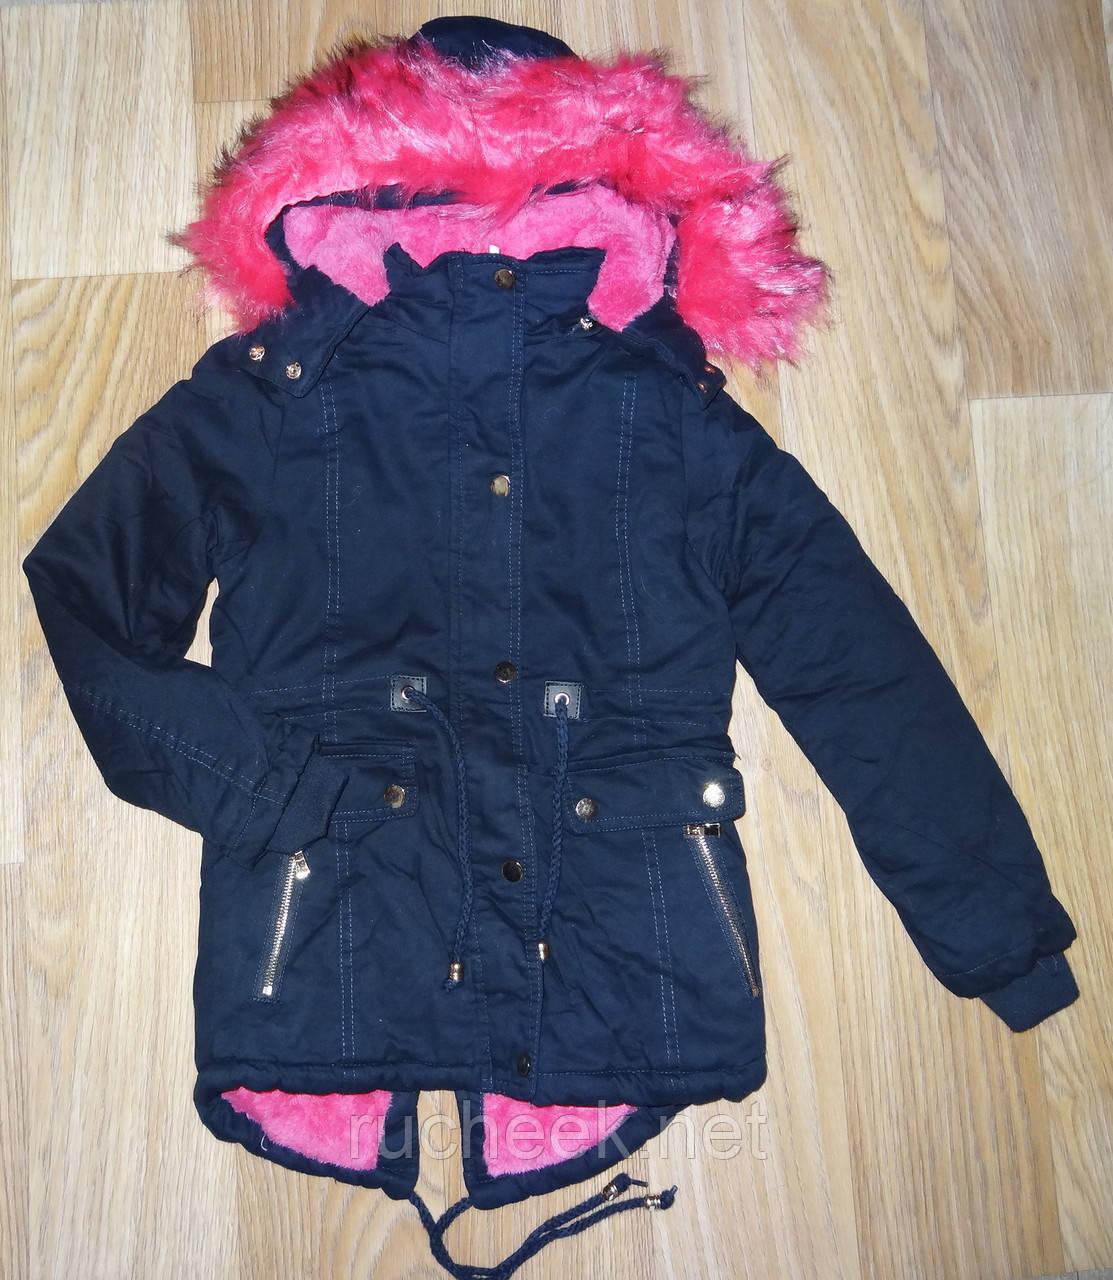 Зимняя куртка парка  для девочек на меховой подкладке, размеры 8, 14 S